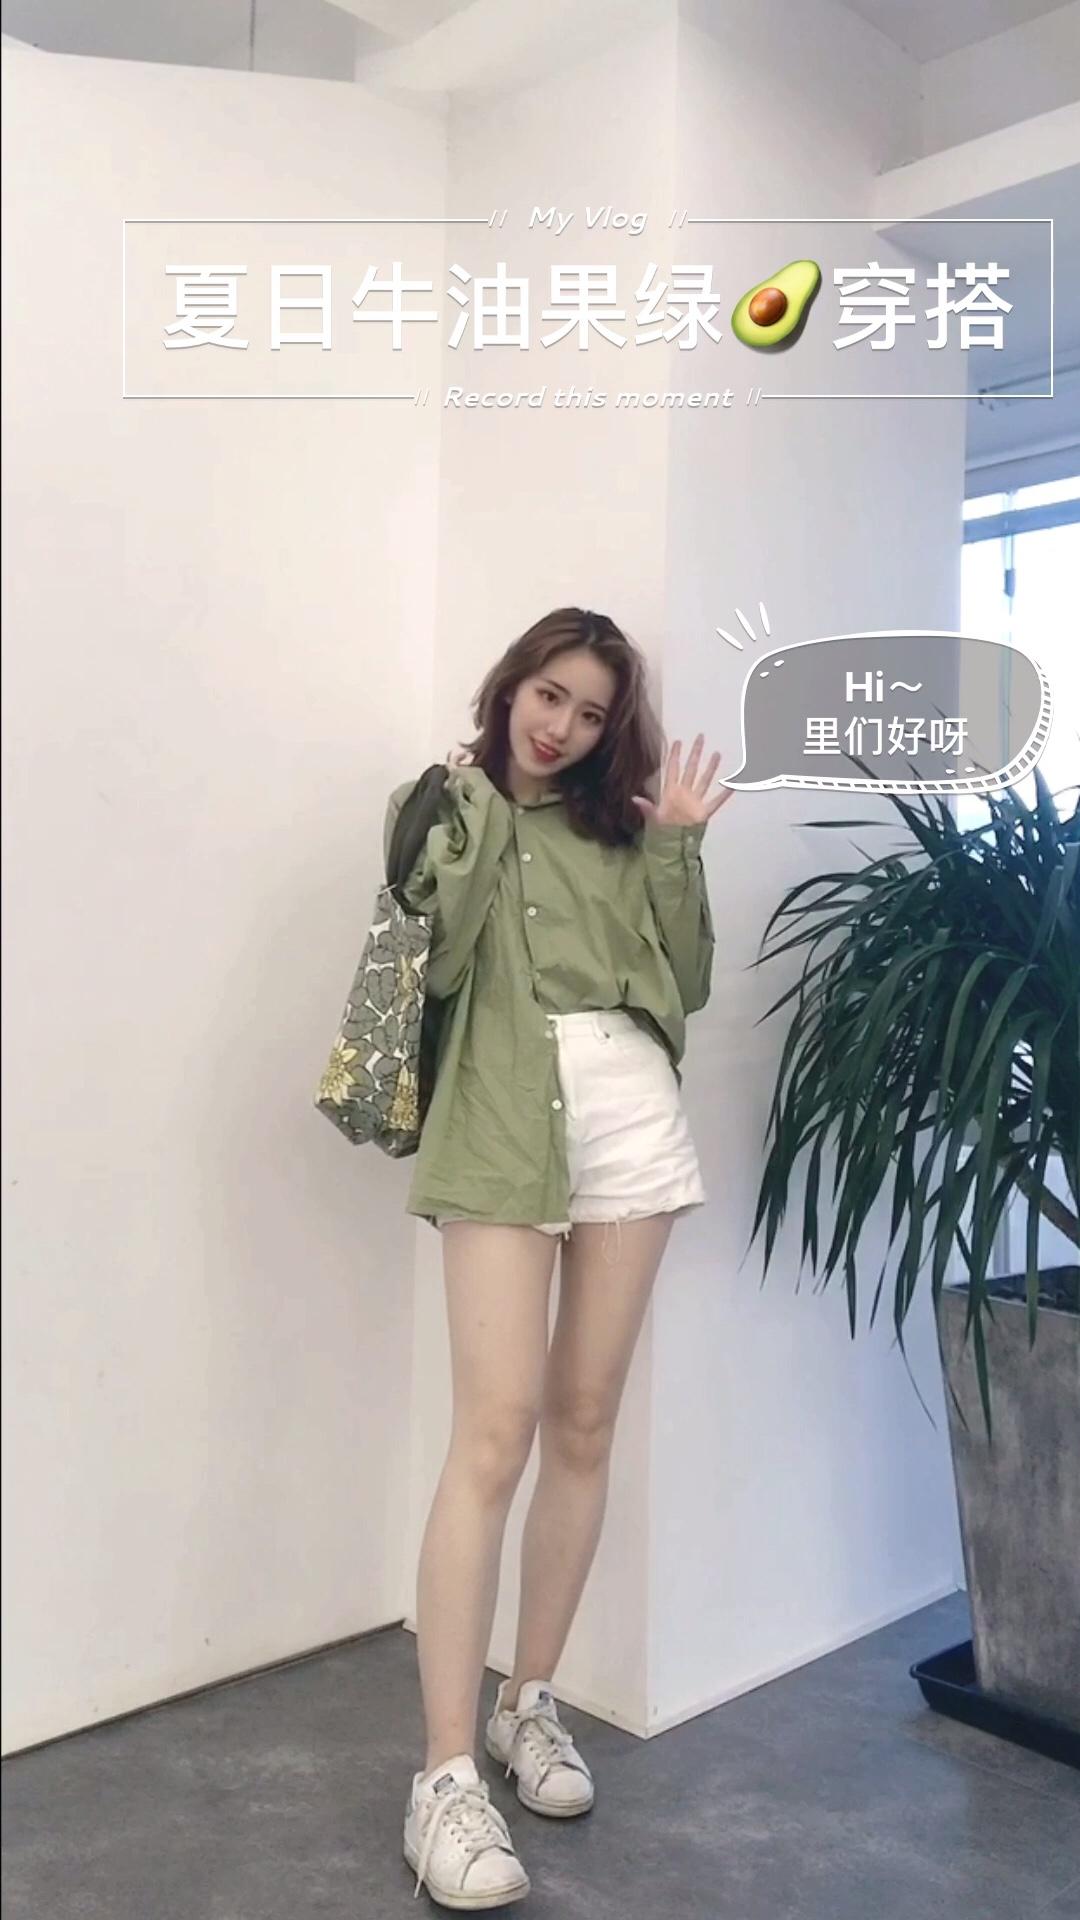 #Plmm的夏日基本素养:美且防晒# 非常小清新的一套look 绿色真的在视觉上给人带来的感觉太舒适了 衬衫的料子很轻薄 所以穿着完全不会闷 宽宽大大的很舒服 再下面加一条白色牛仔短裤 包是起着非常大的作用的 花色与衣服融合的非常好 而且出门购物什么的这个包完全能满足你